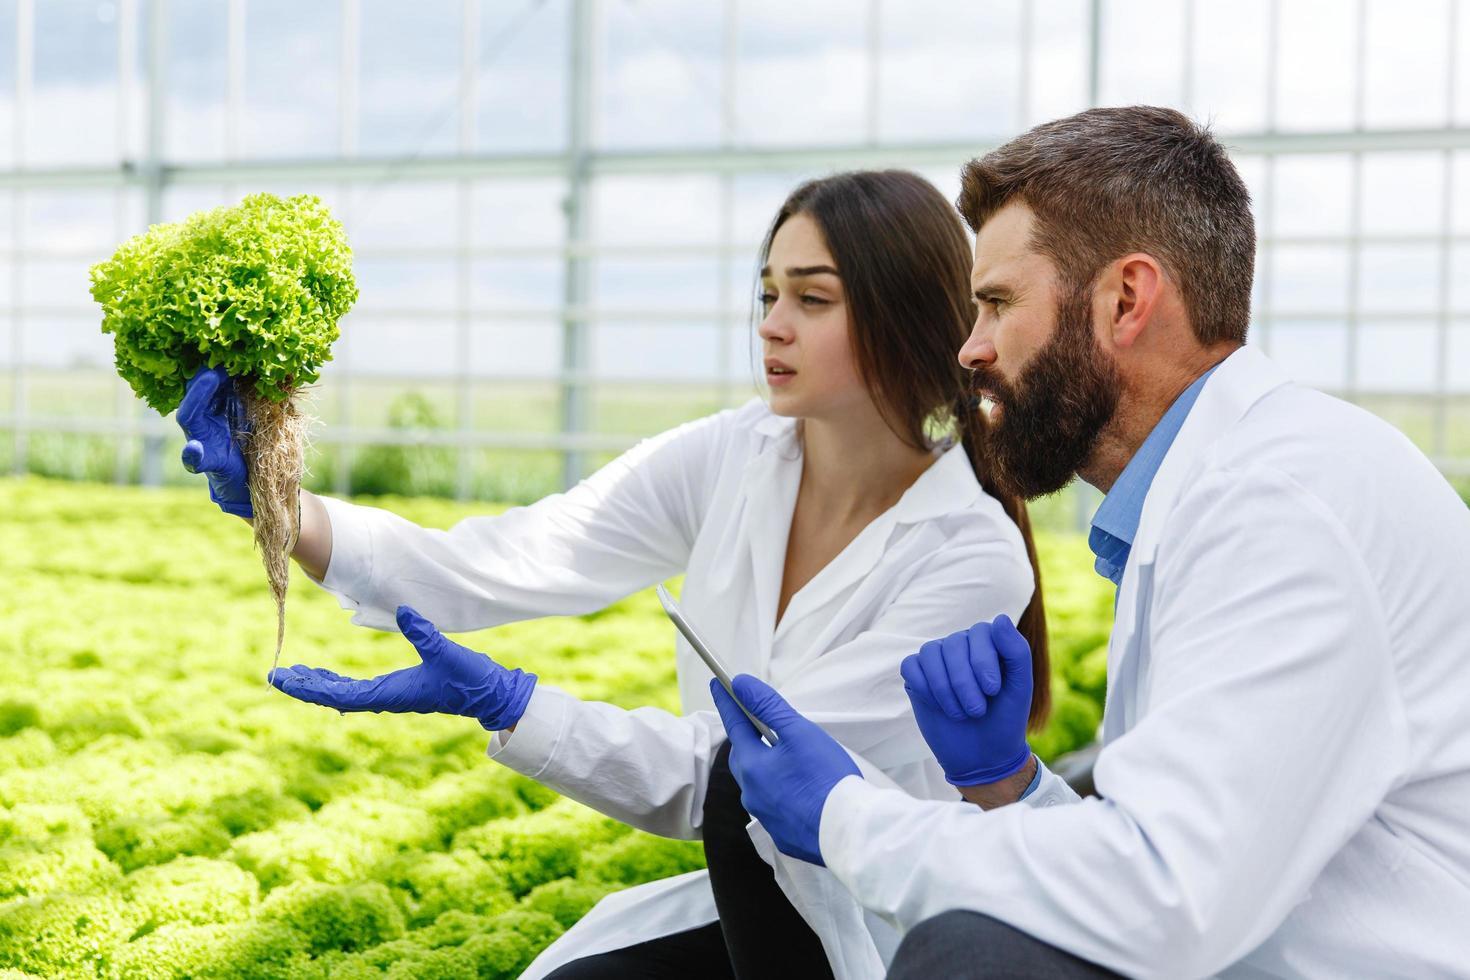 ricercatori di laboratorio che esaminano le piante foto